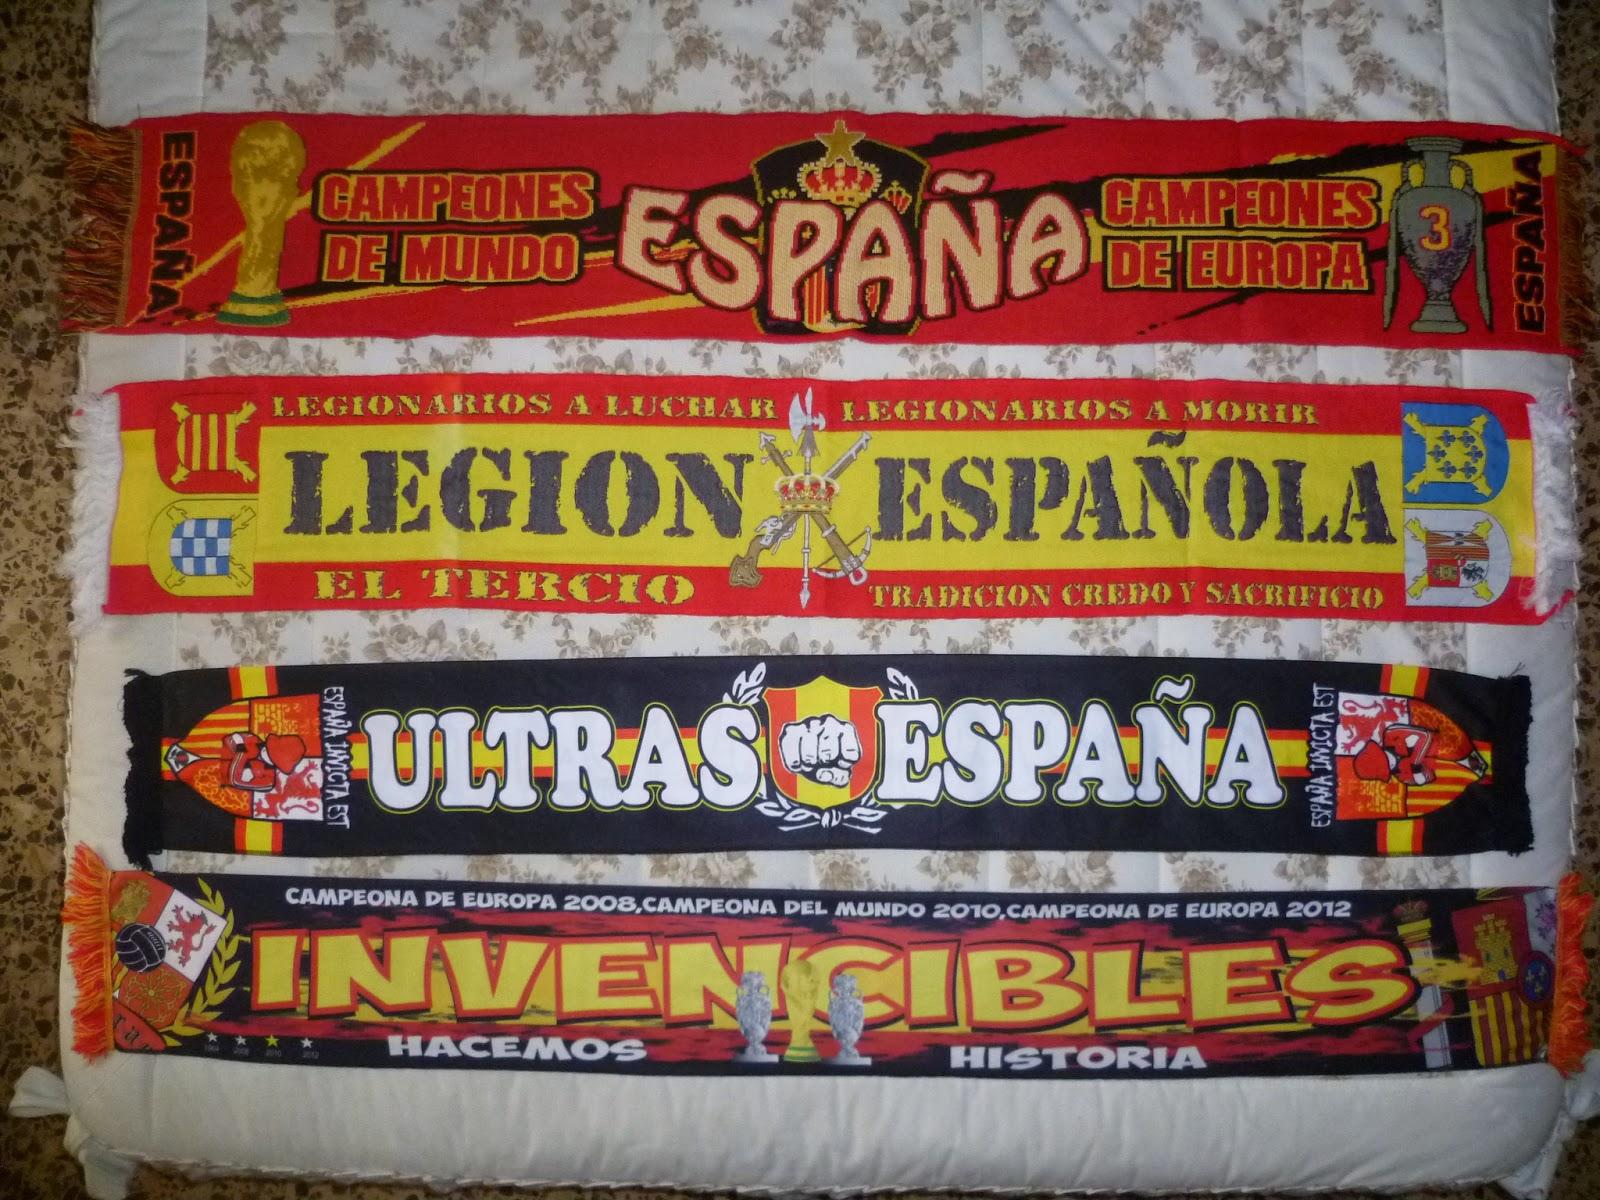 España, Legión española y Ultras España